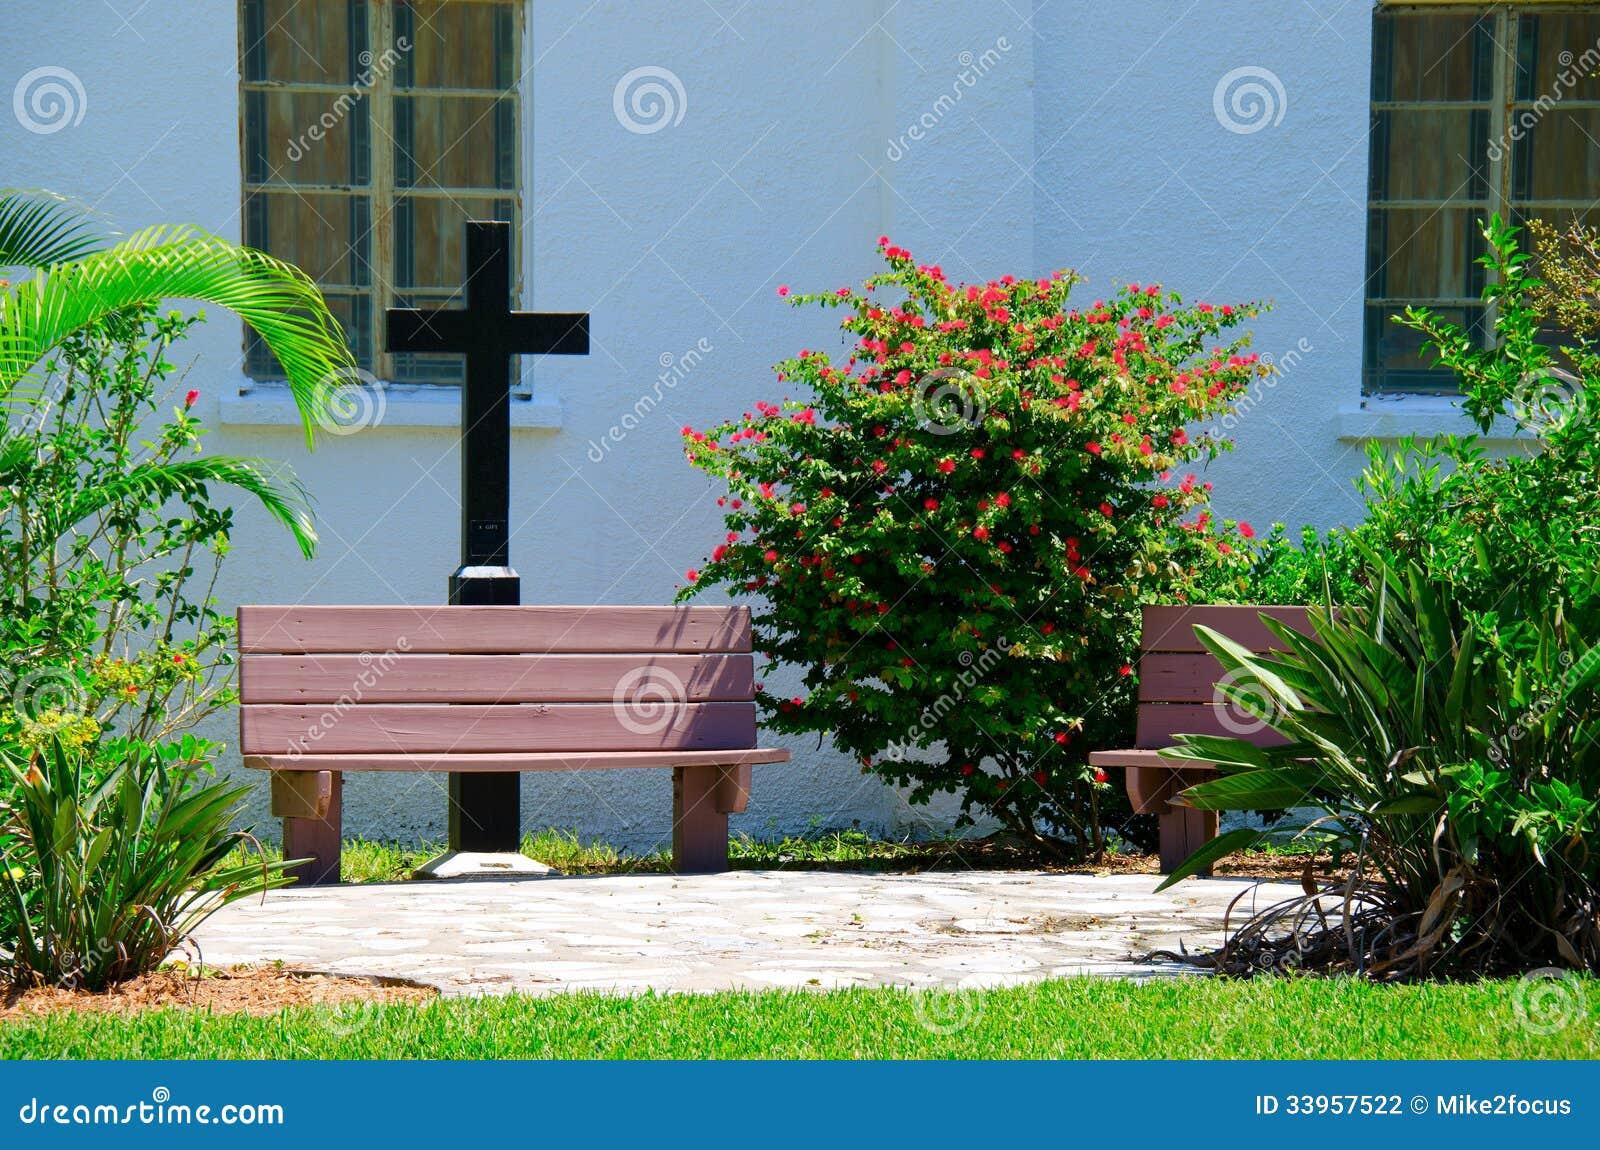 Church prayer garden with benches and cross stock photo for Prayer garden designs